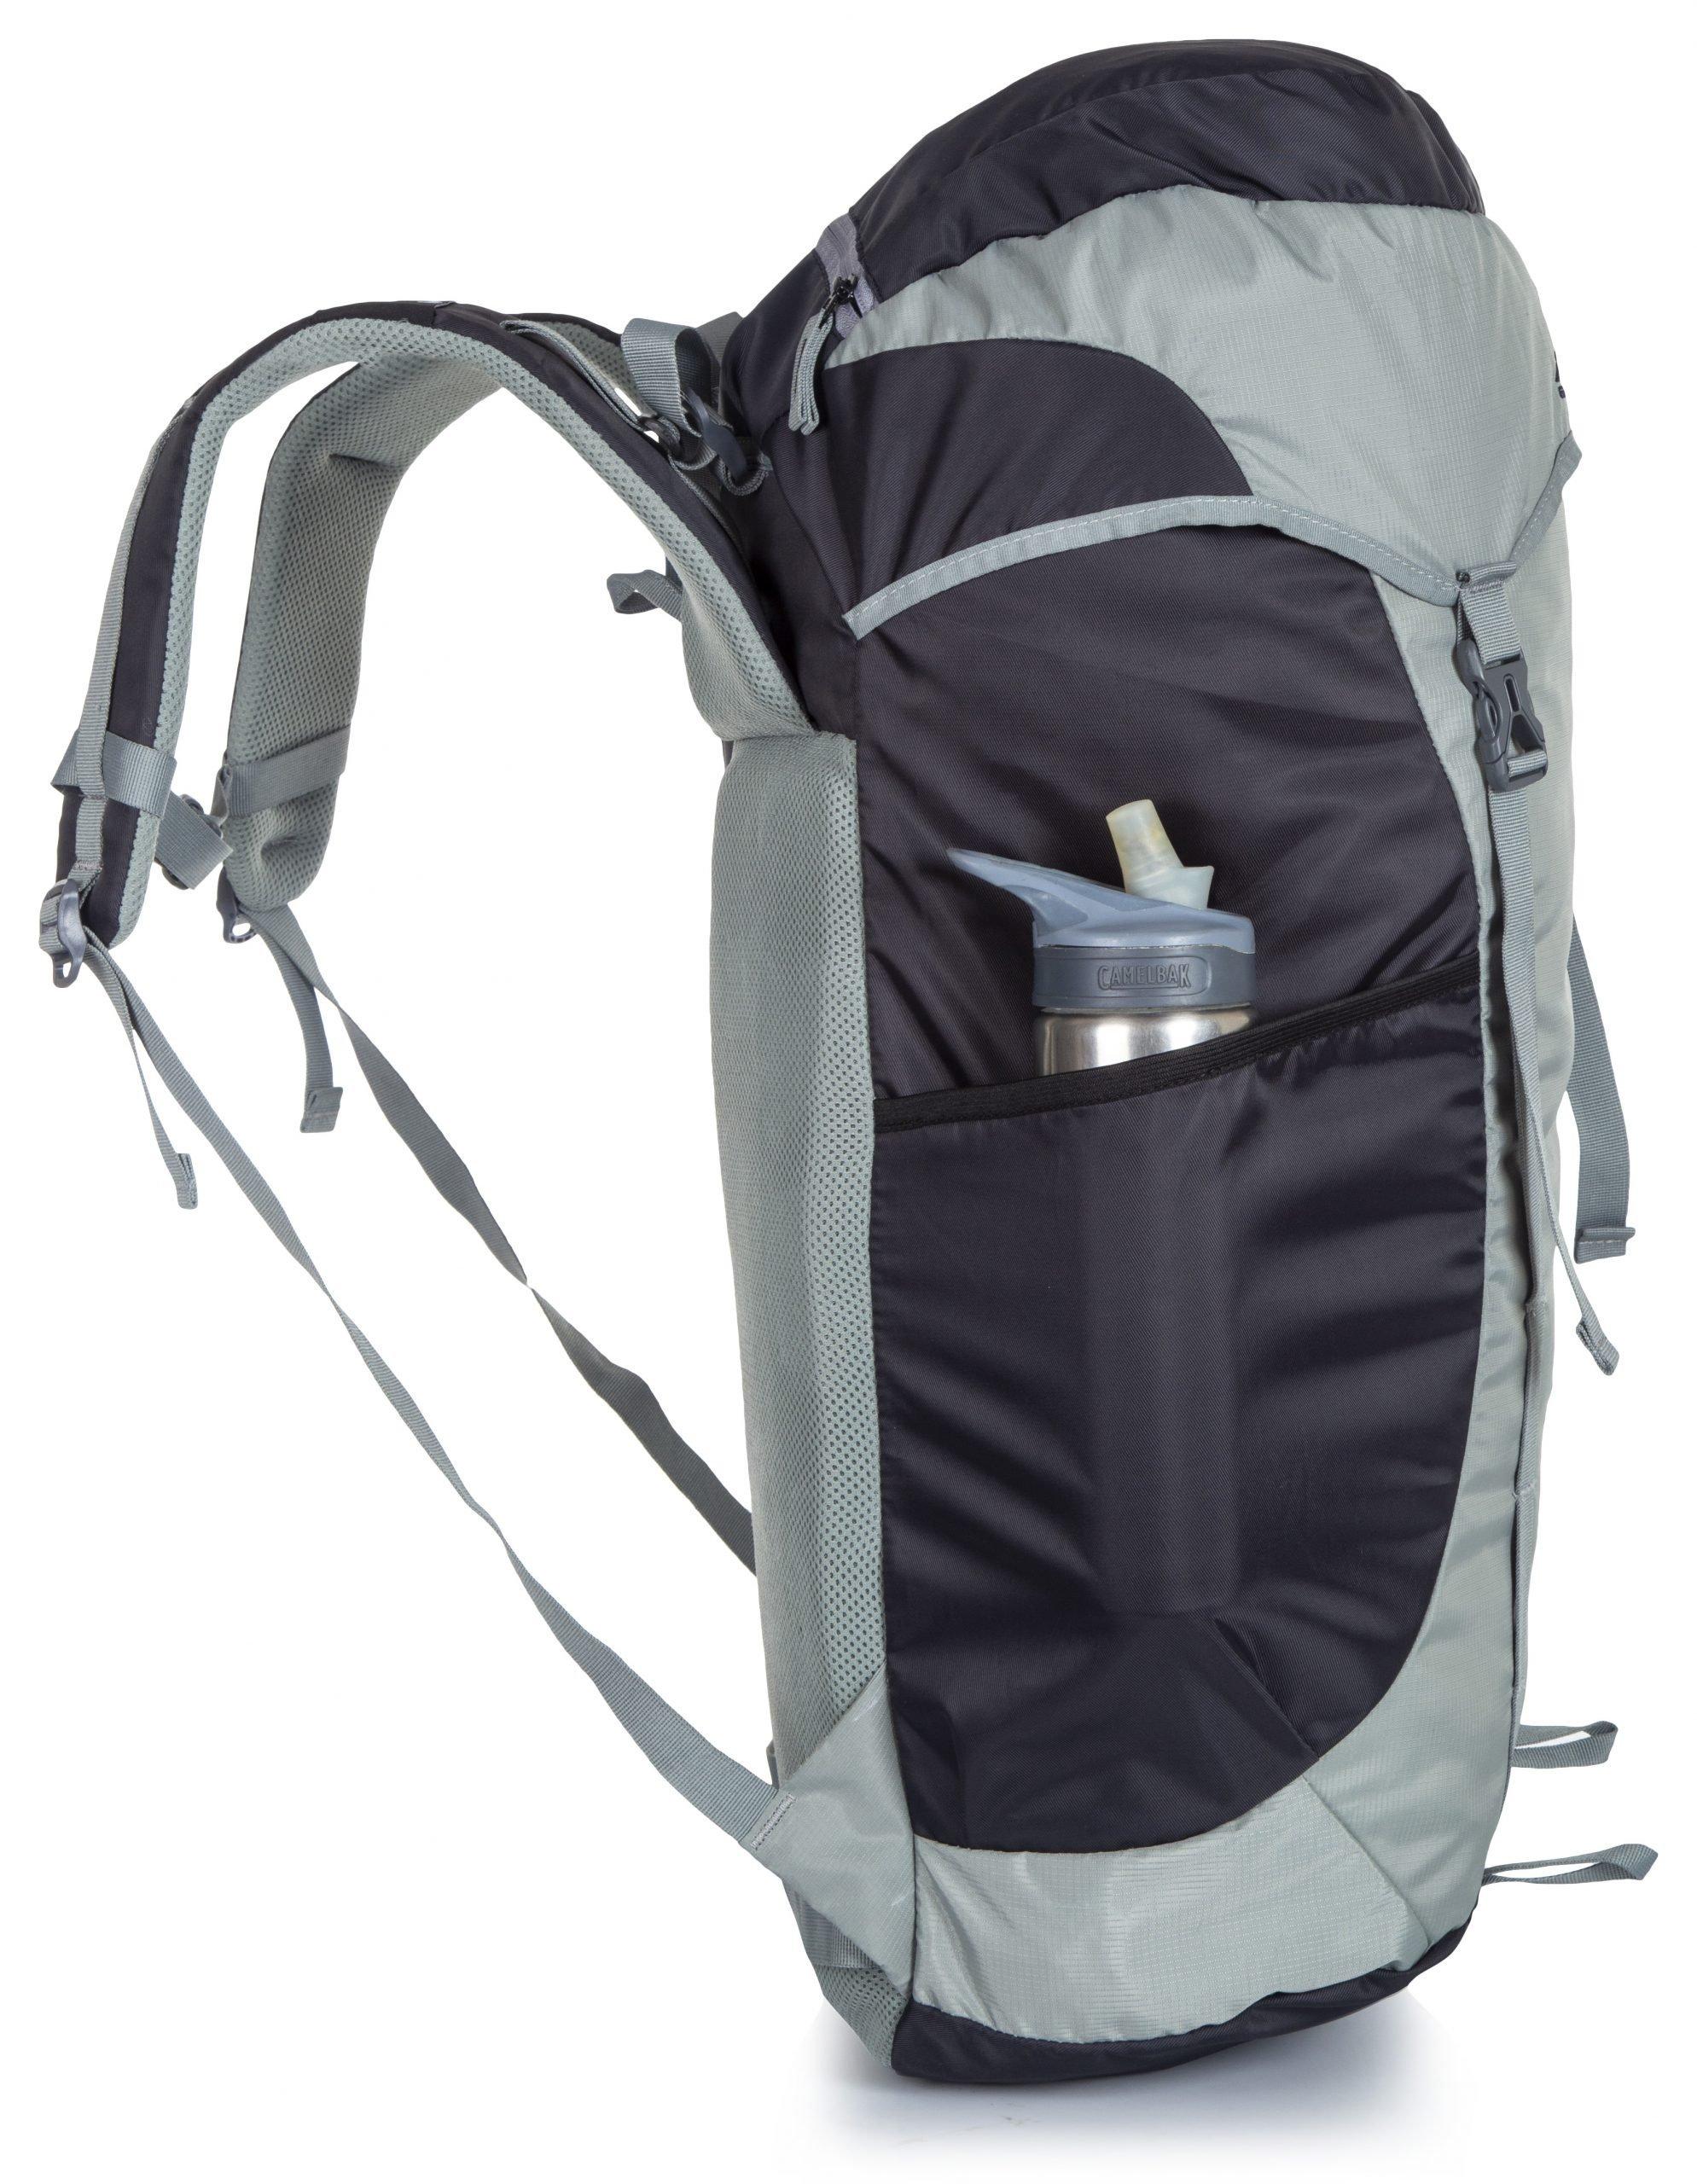 Greenlands Cria 55 Trekking Bag